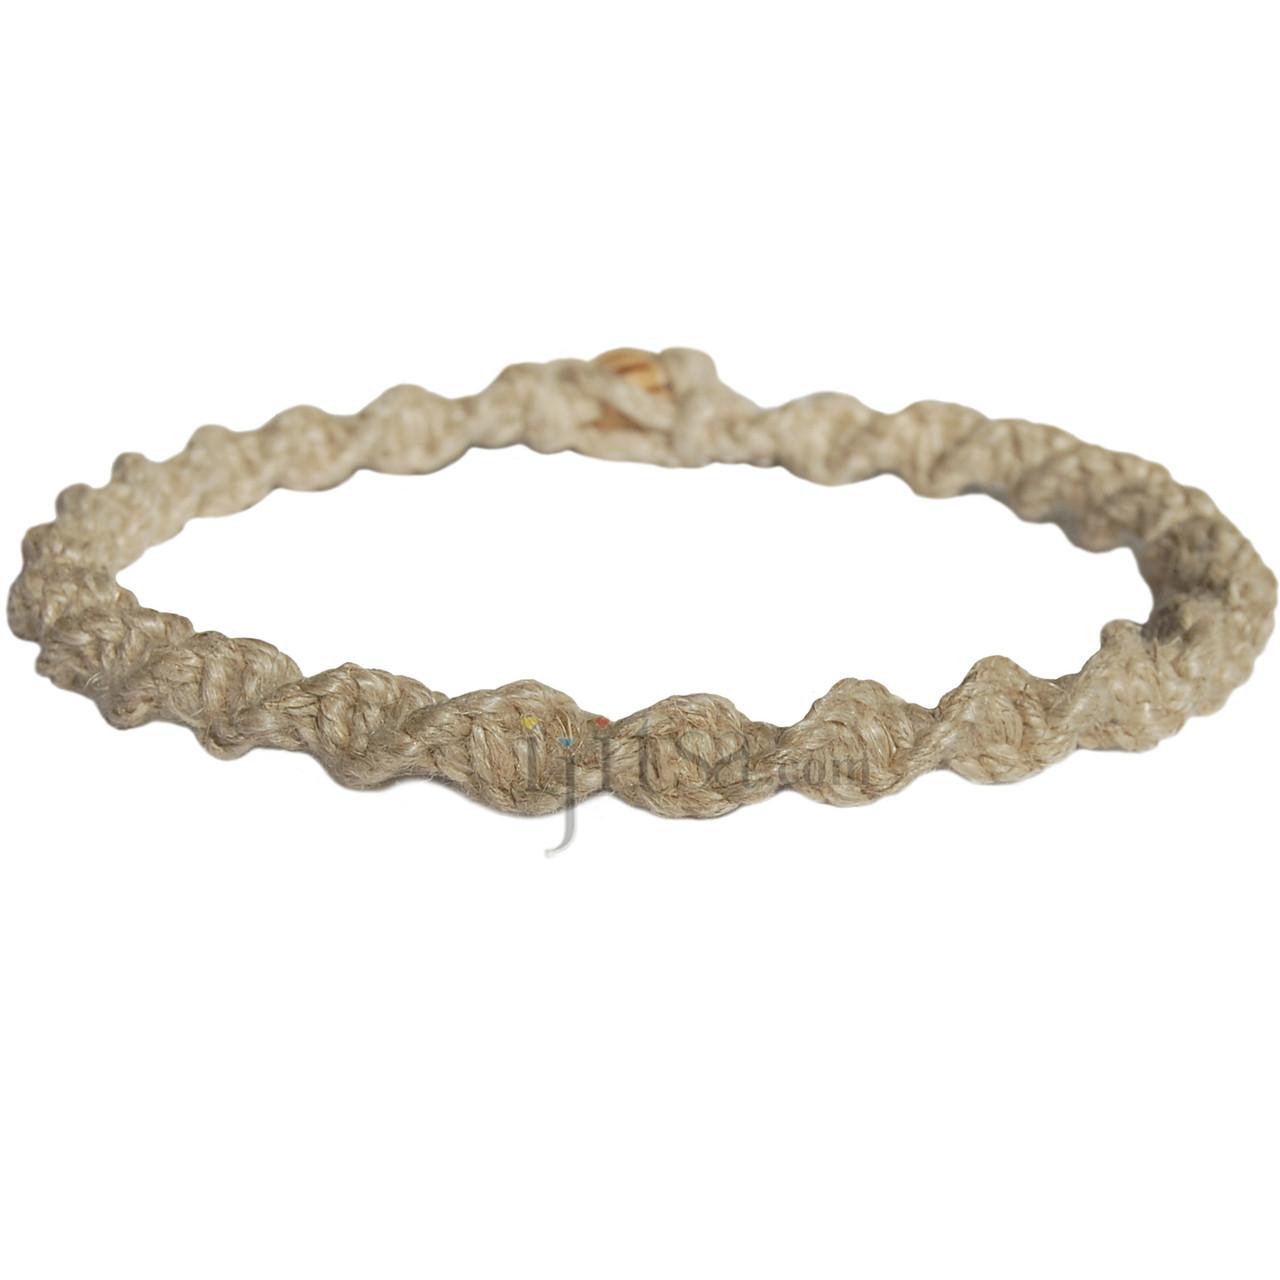 Natural hemp necklace